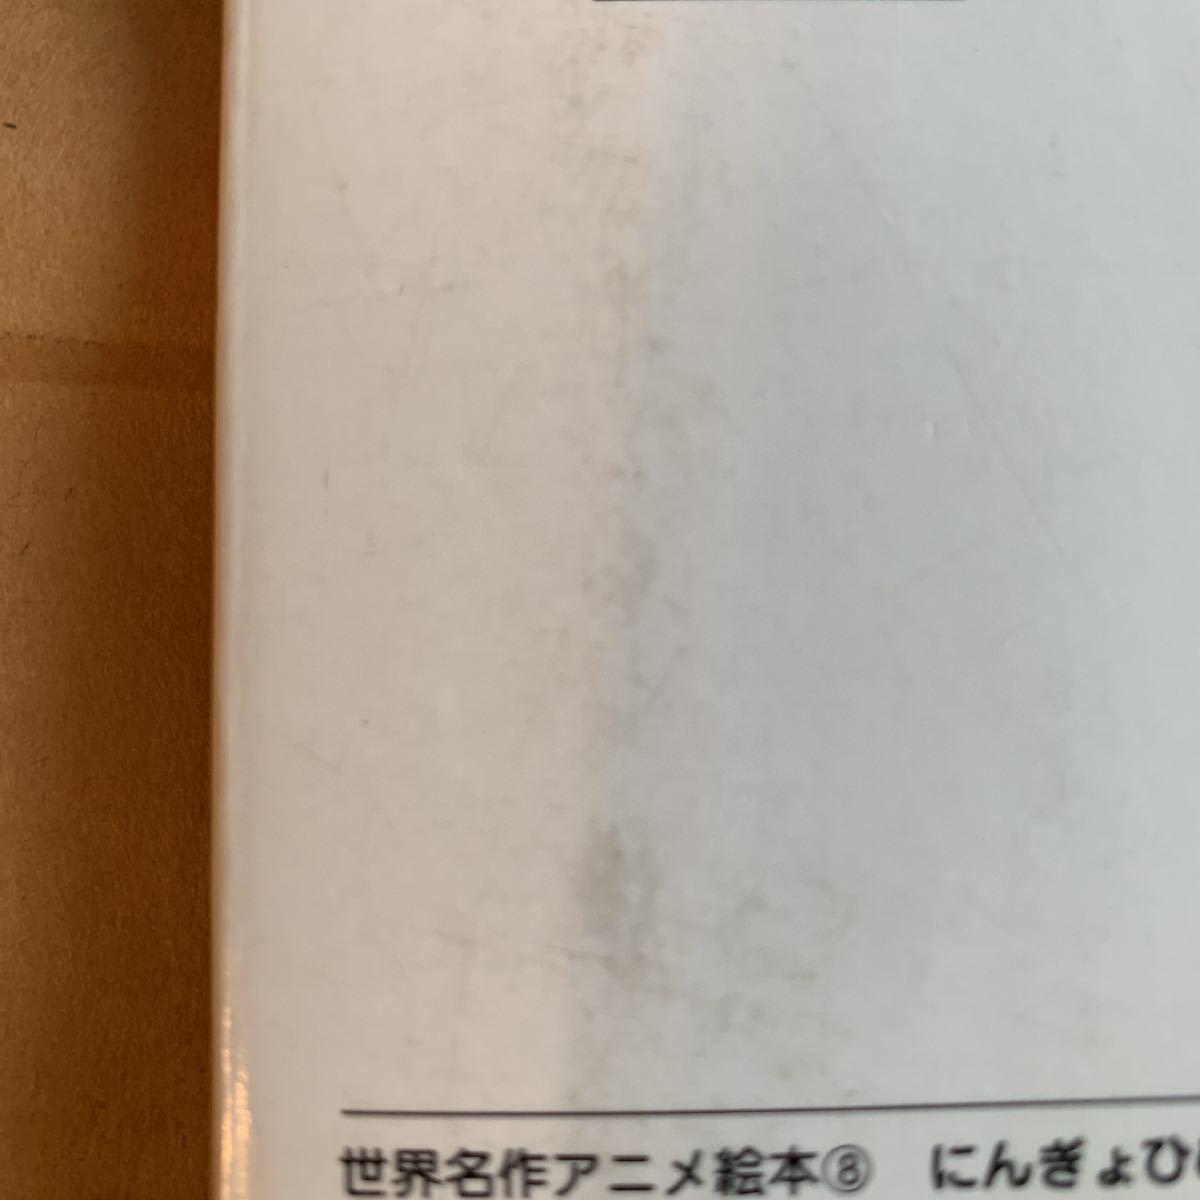 世界名作アニメ絵本 にんぎょひめ